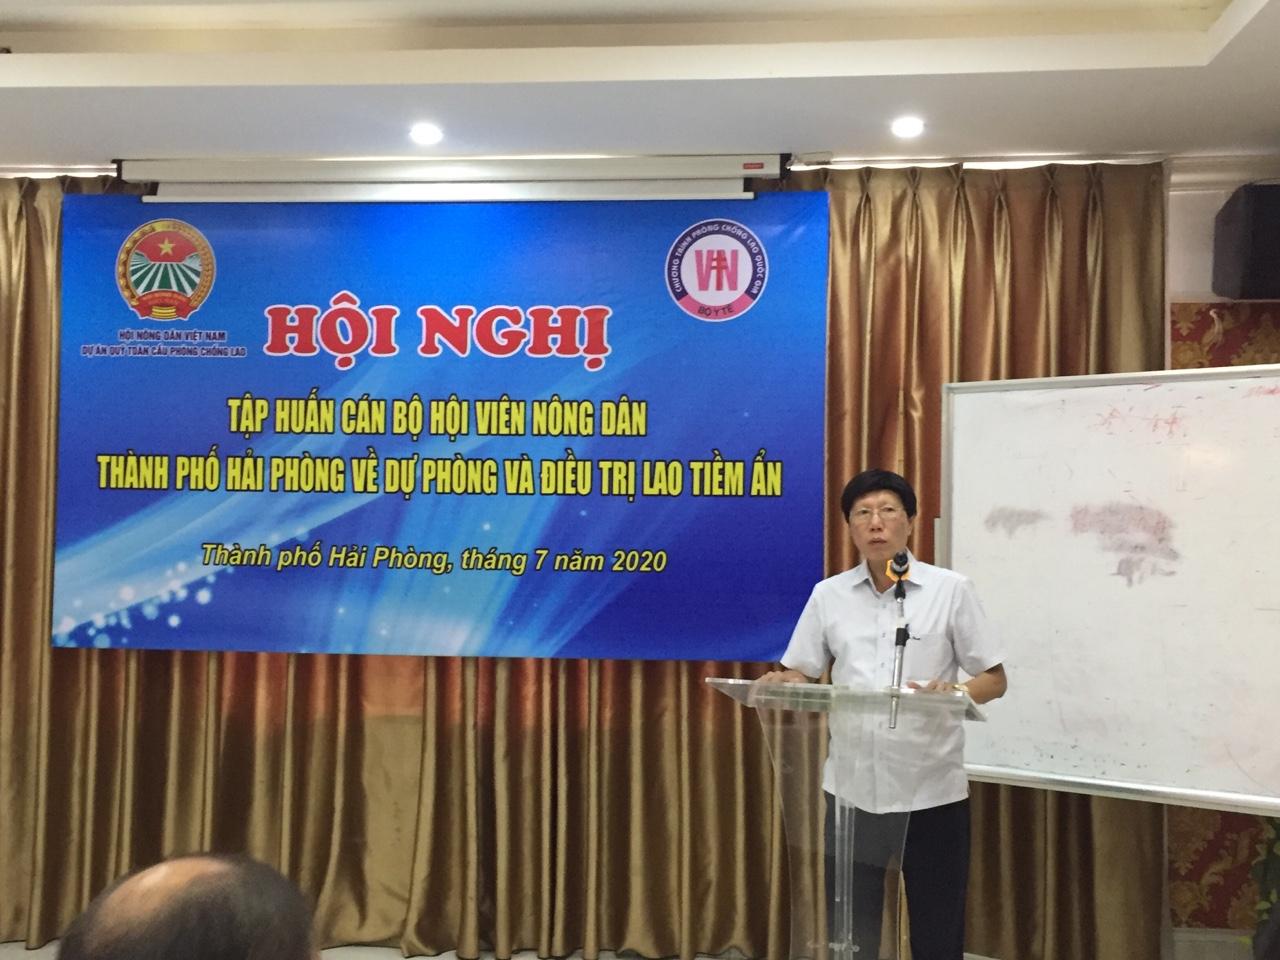 Hội Nông dân thành phố tổ chức Hội nghị tập huấn về hoạt động quản lý Lao tiền ẩn trong khu vực nông thôn